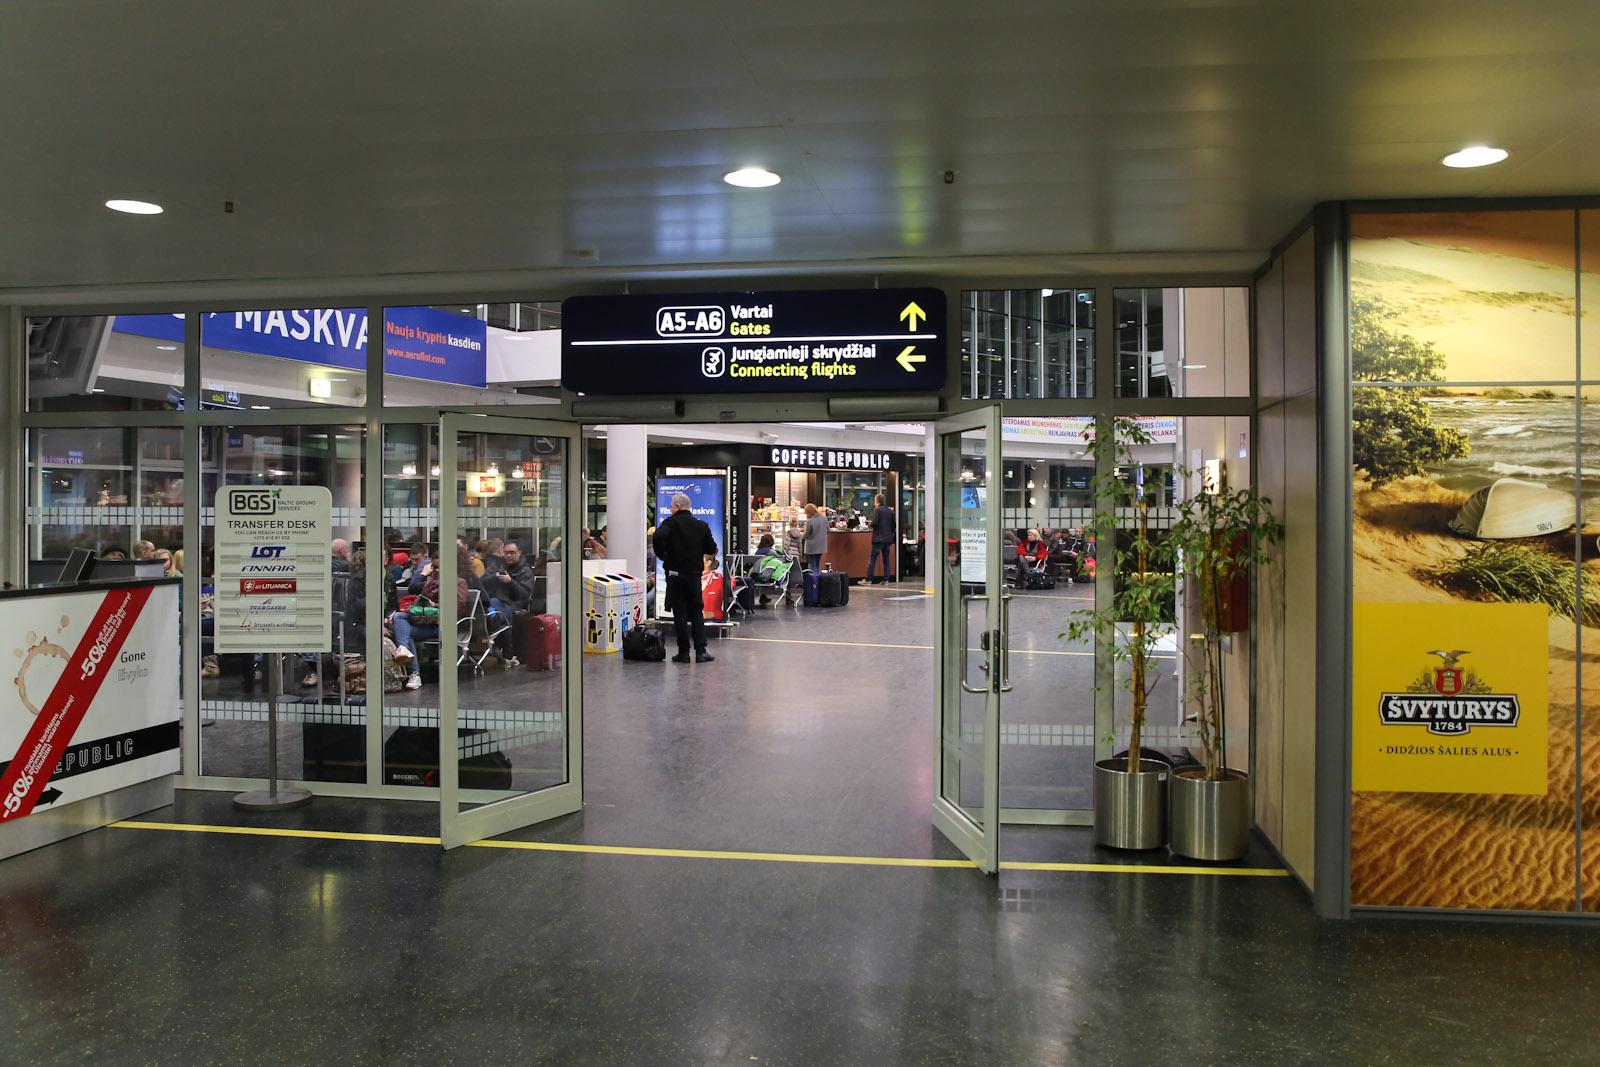 Зал трансферных пассажиров в аэропорту Вильнюс